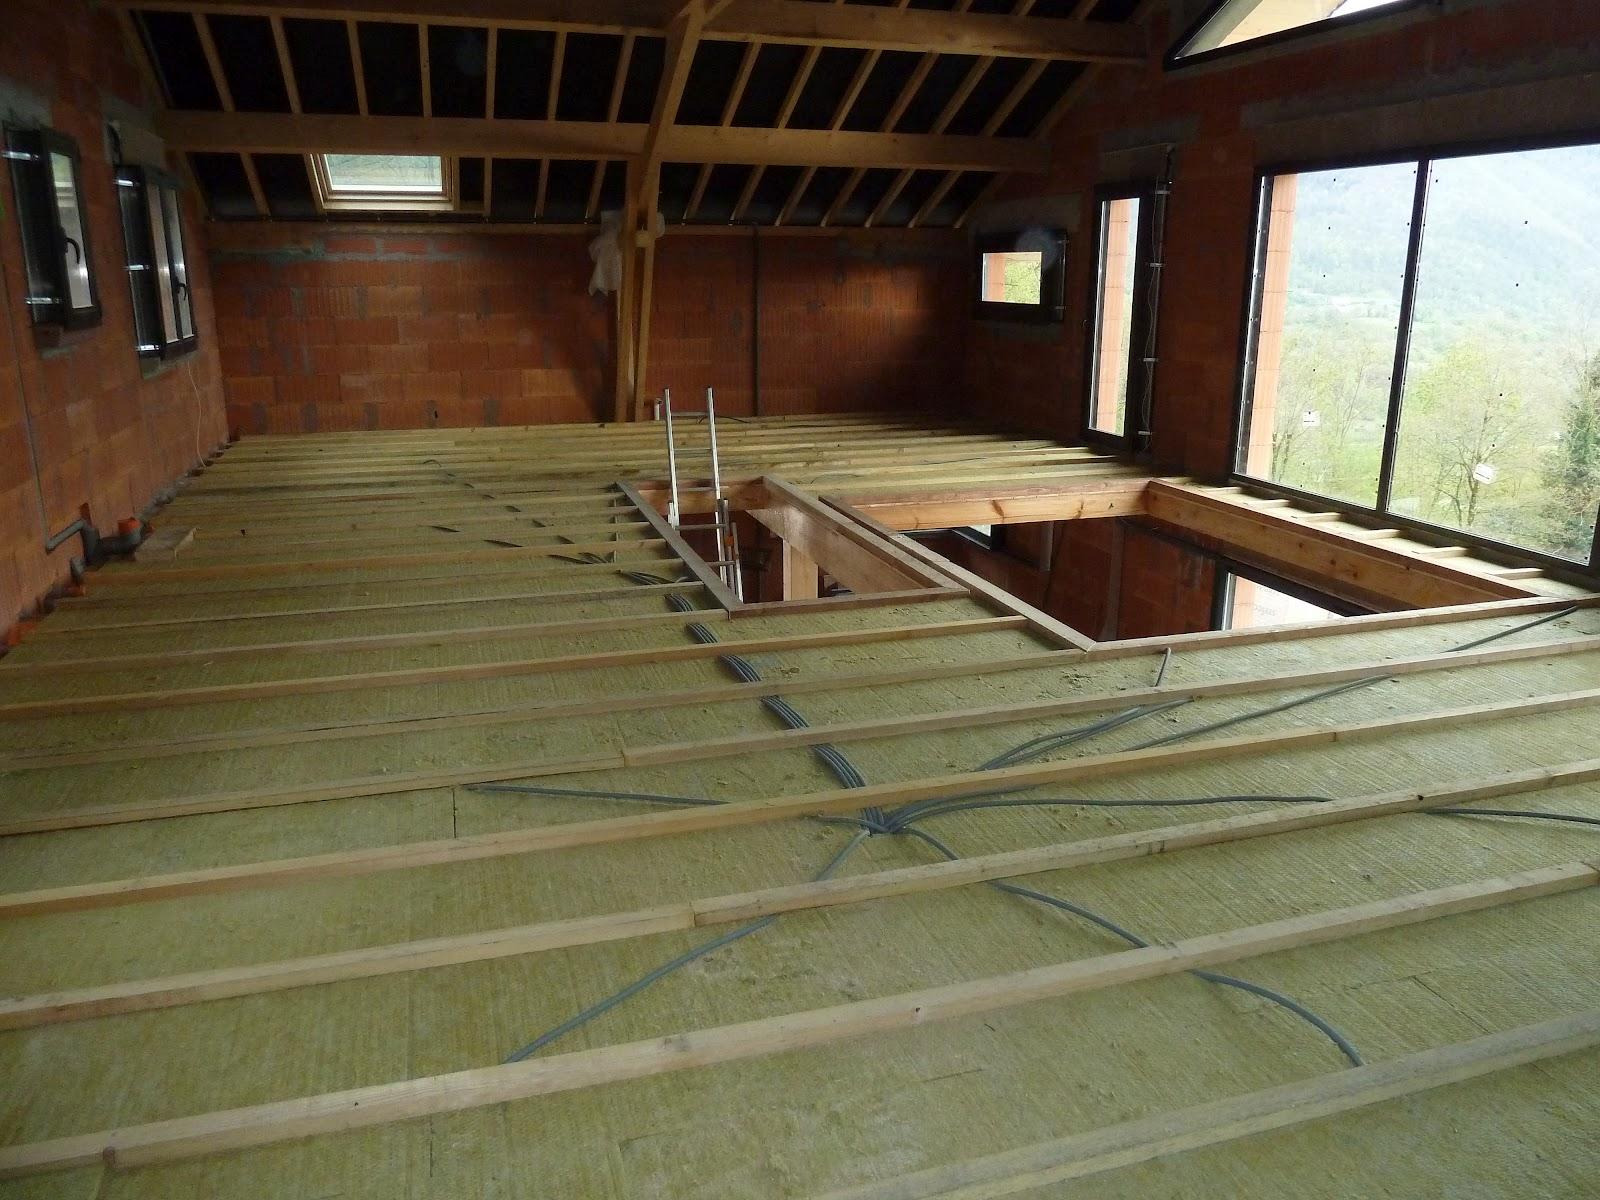 la maison de meltemetpetau l 39 isolation phonique tr s importante pour un plancher bois et une